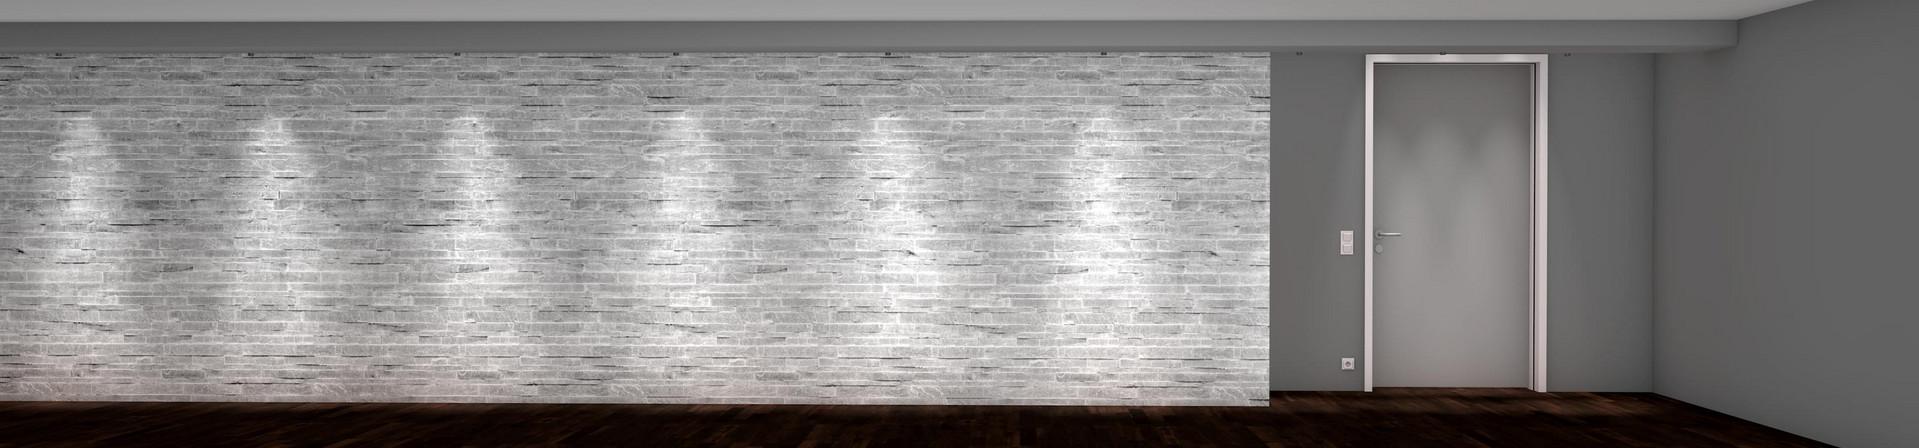 Türzargen für Gebäude mit parallel laufenden Wänden | BOS Best Of Steel